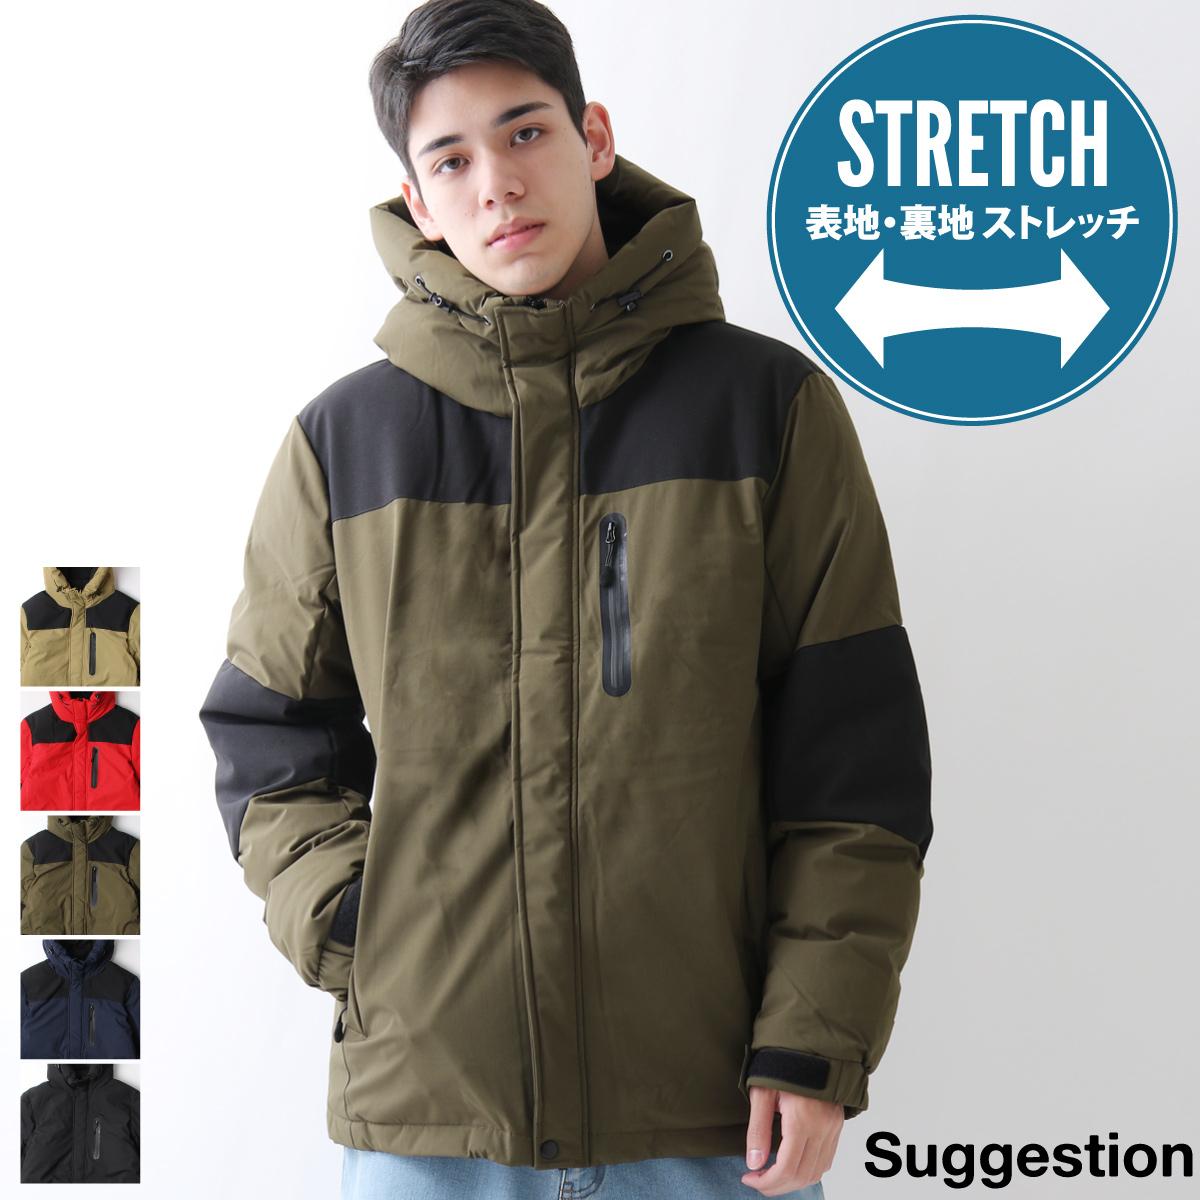 中綿入りジャケット メンズ 中綿ジャケット ジャケット ブルゾン ストレッチ フードジャケット 撥水加工 無地 ZIP ジップ (600155) 送料無料